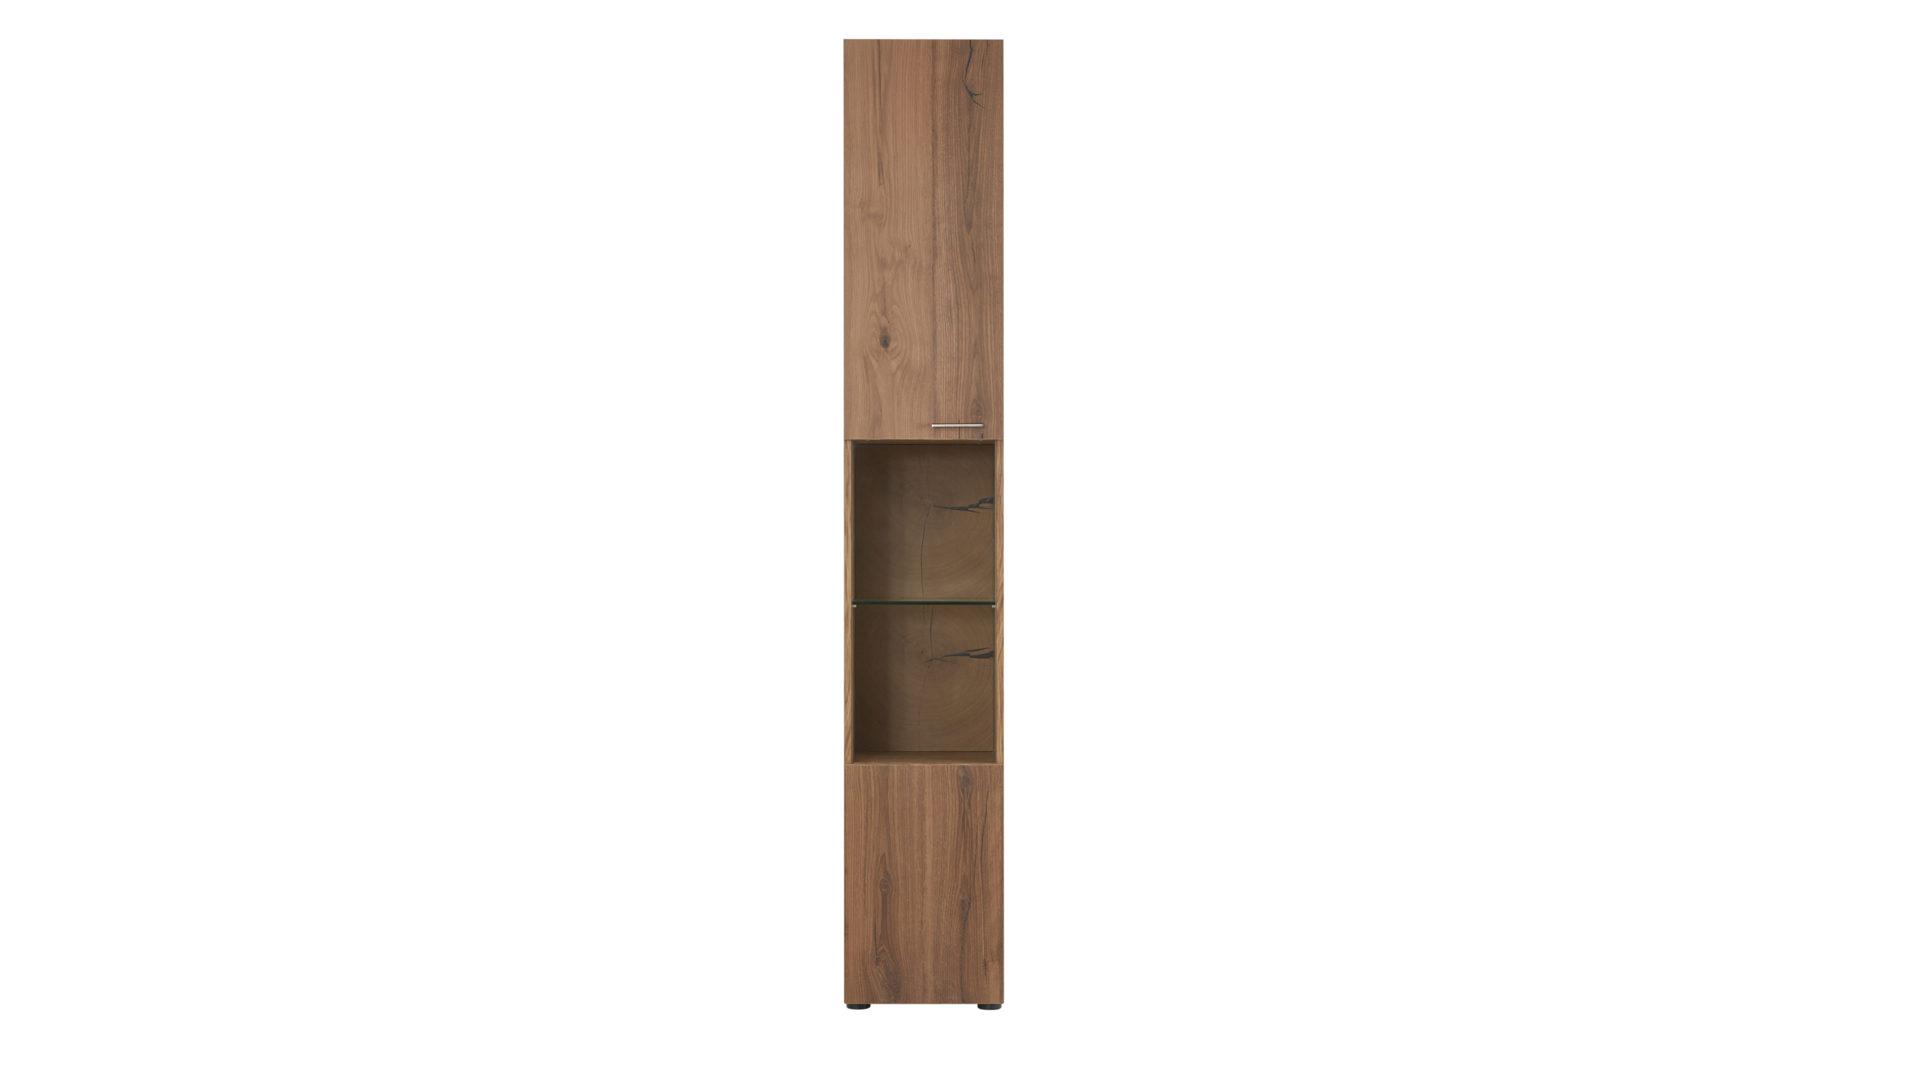 Wohnwand Die Hausmarke | Il Aus Holz In Holzfarben Interliving Wohnzimmer  Serie 2102 U2013 Wohnkombination Dunkles